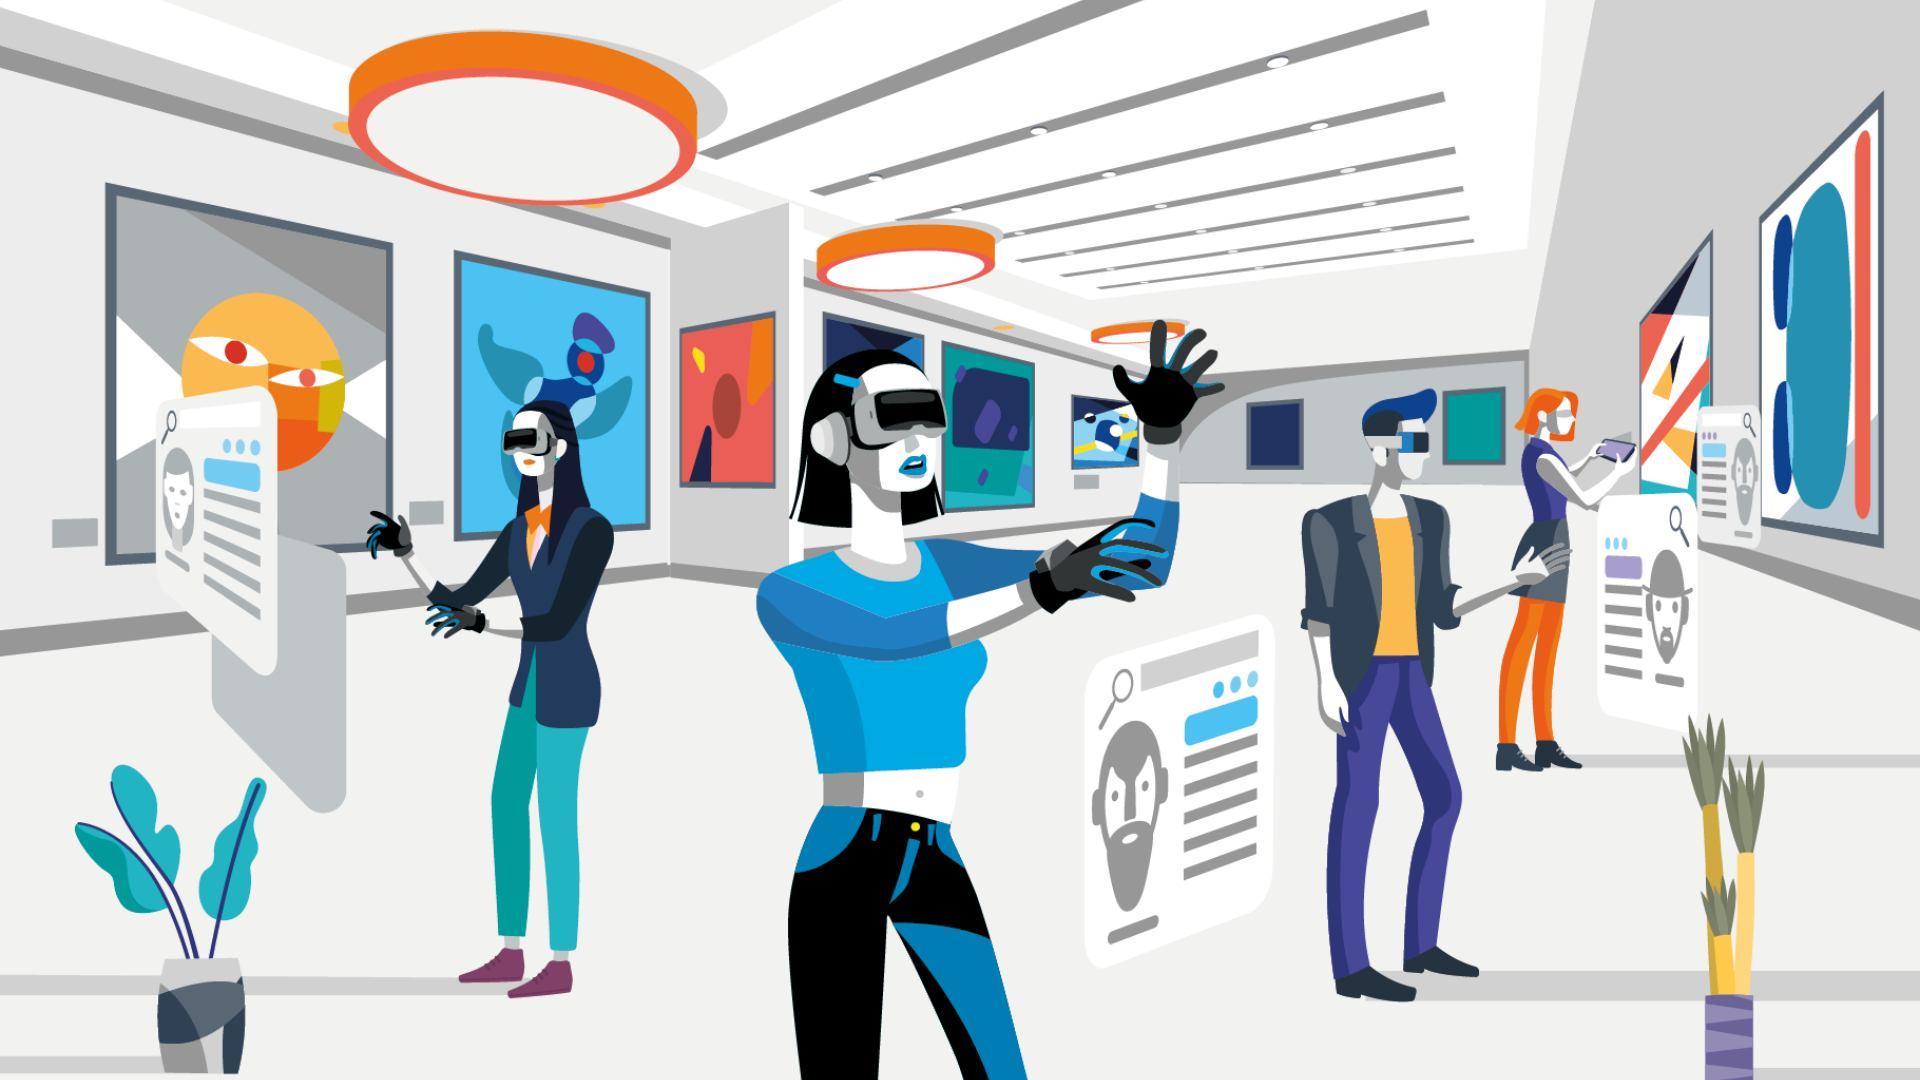 a szoftver megeszi a vilagot - digitalis transzformacio - fintechshow